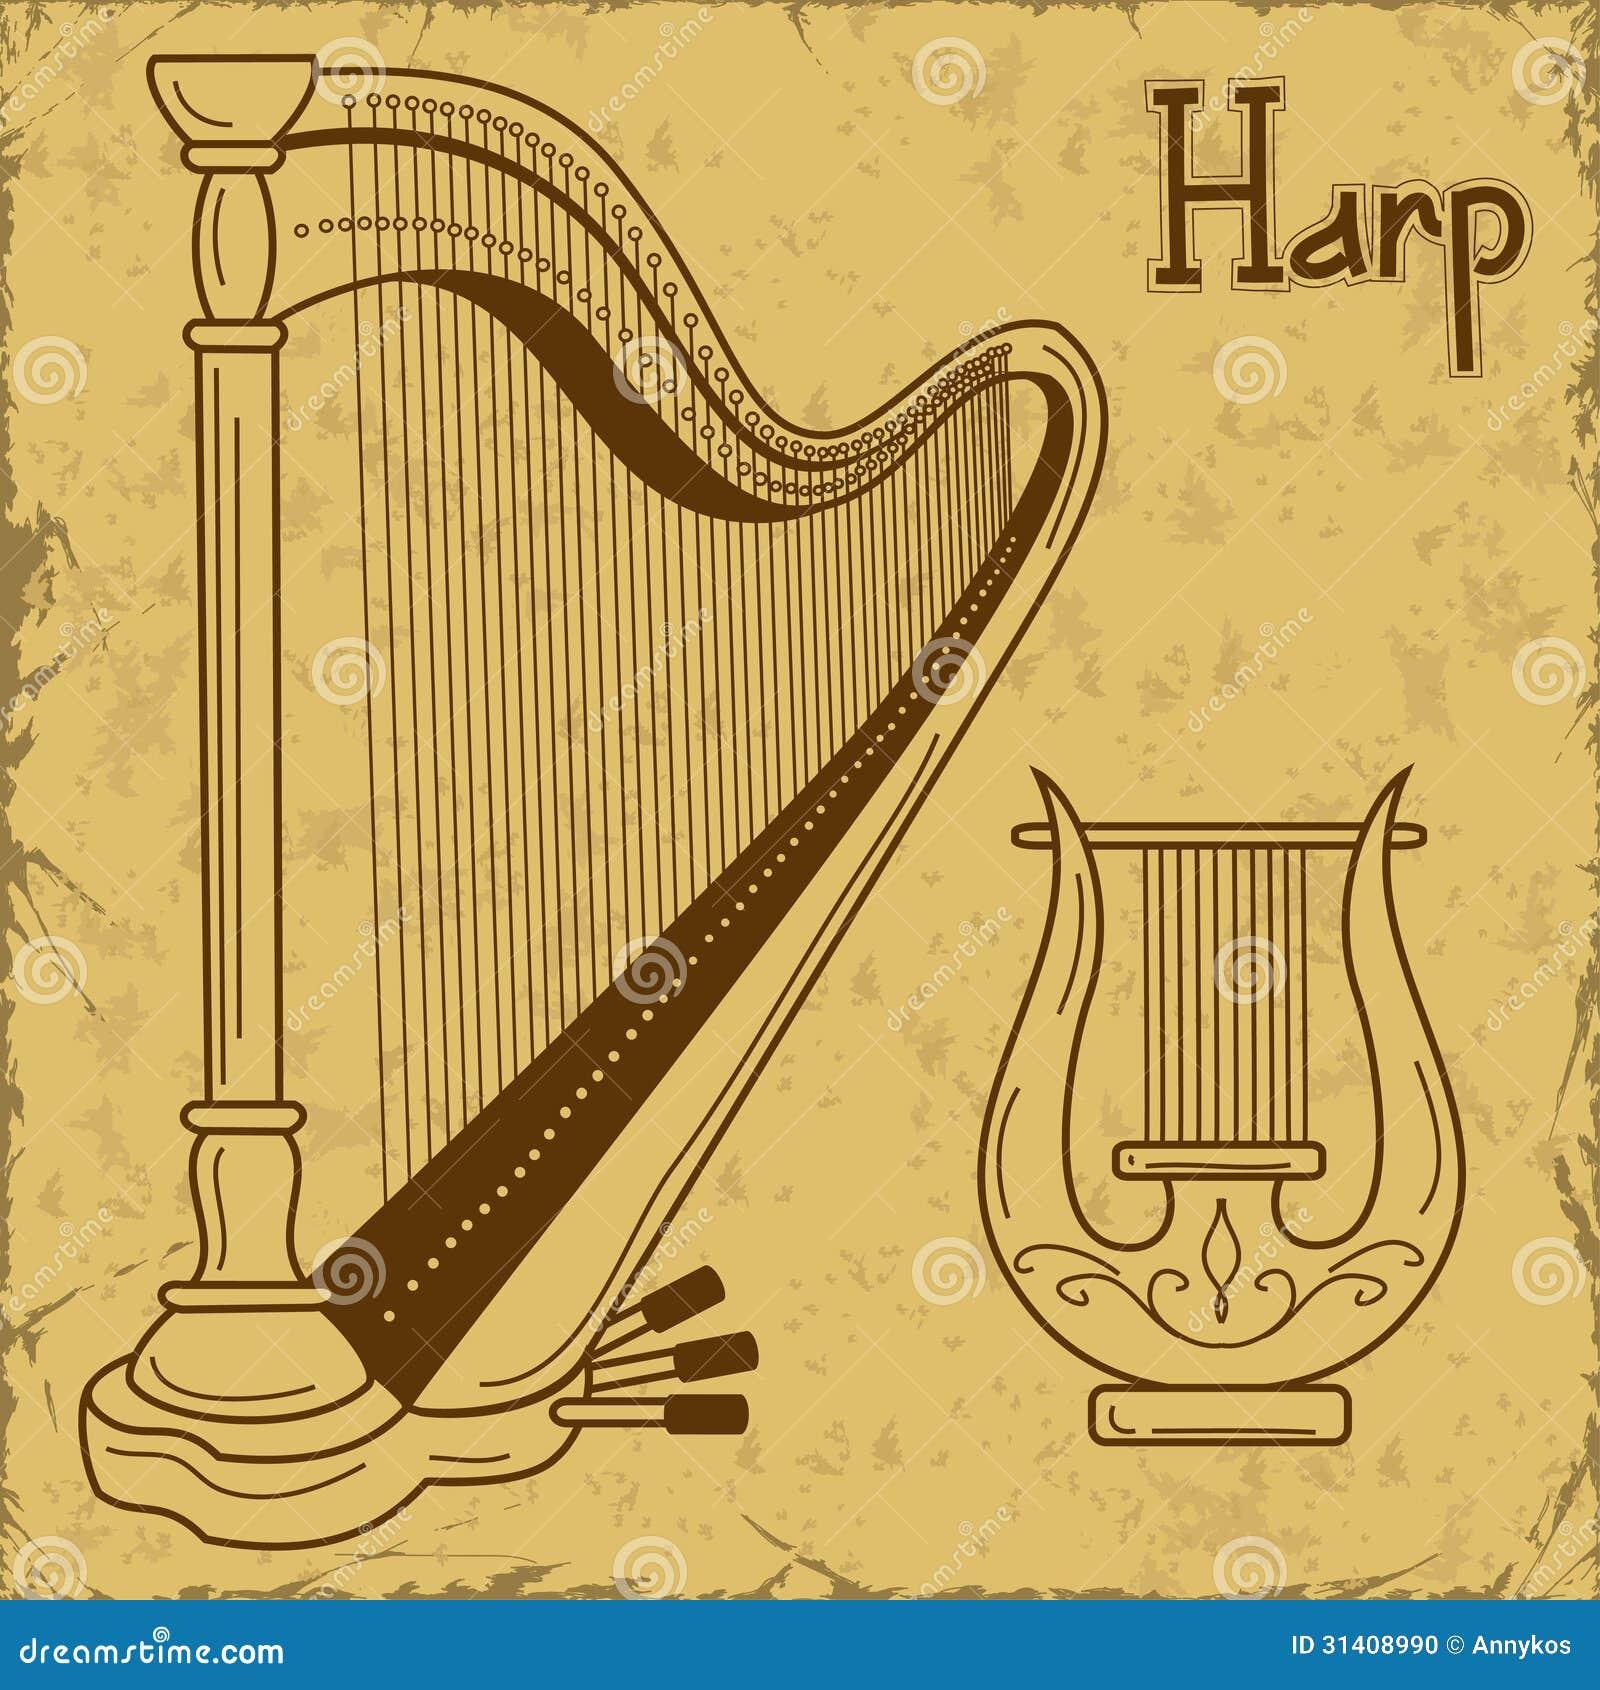 Лира музыкальный инструмент ее изображение 5